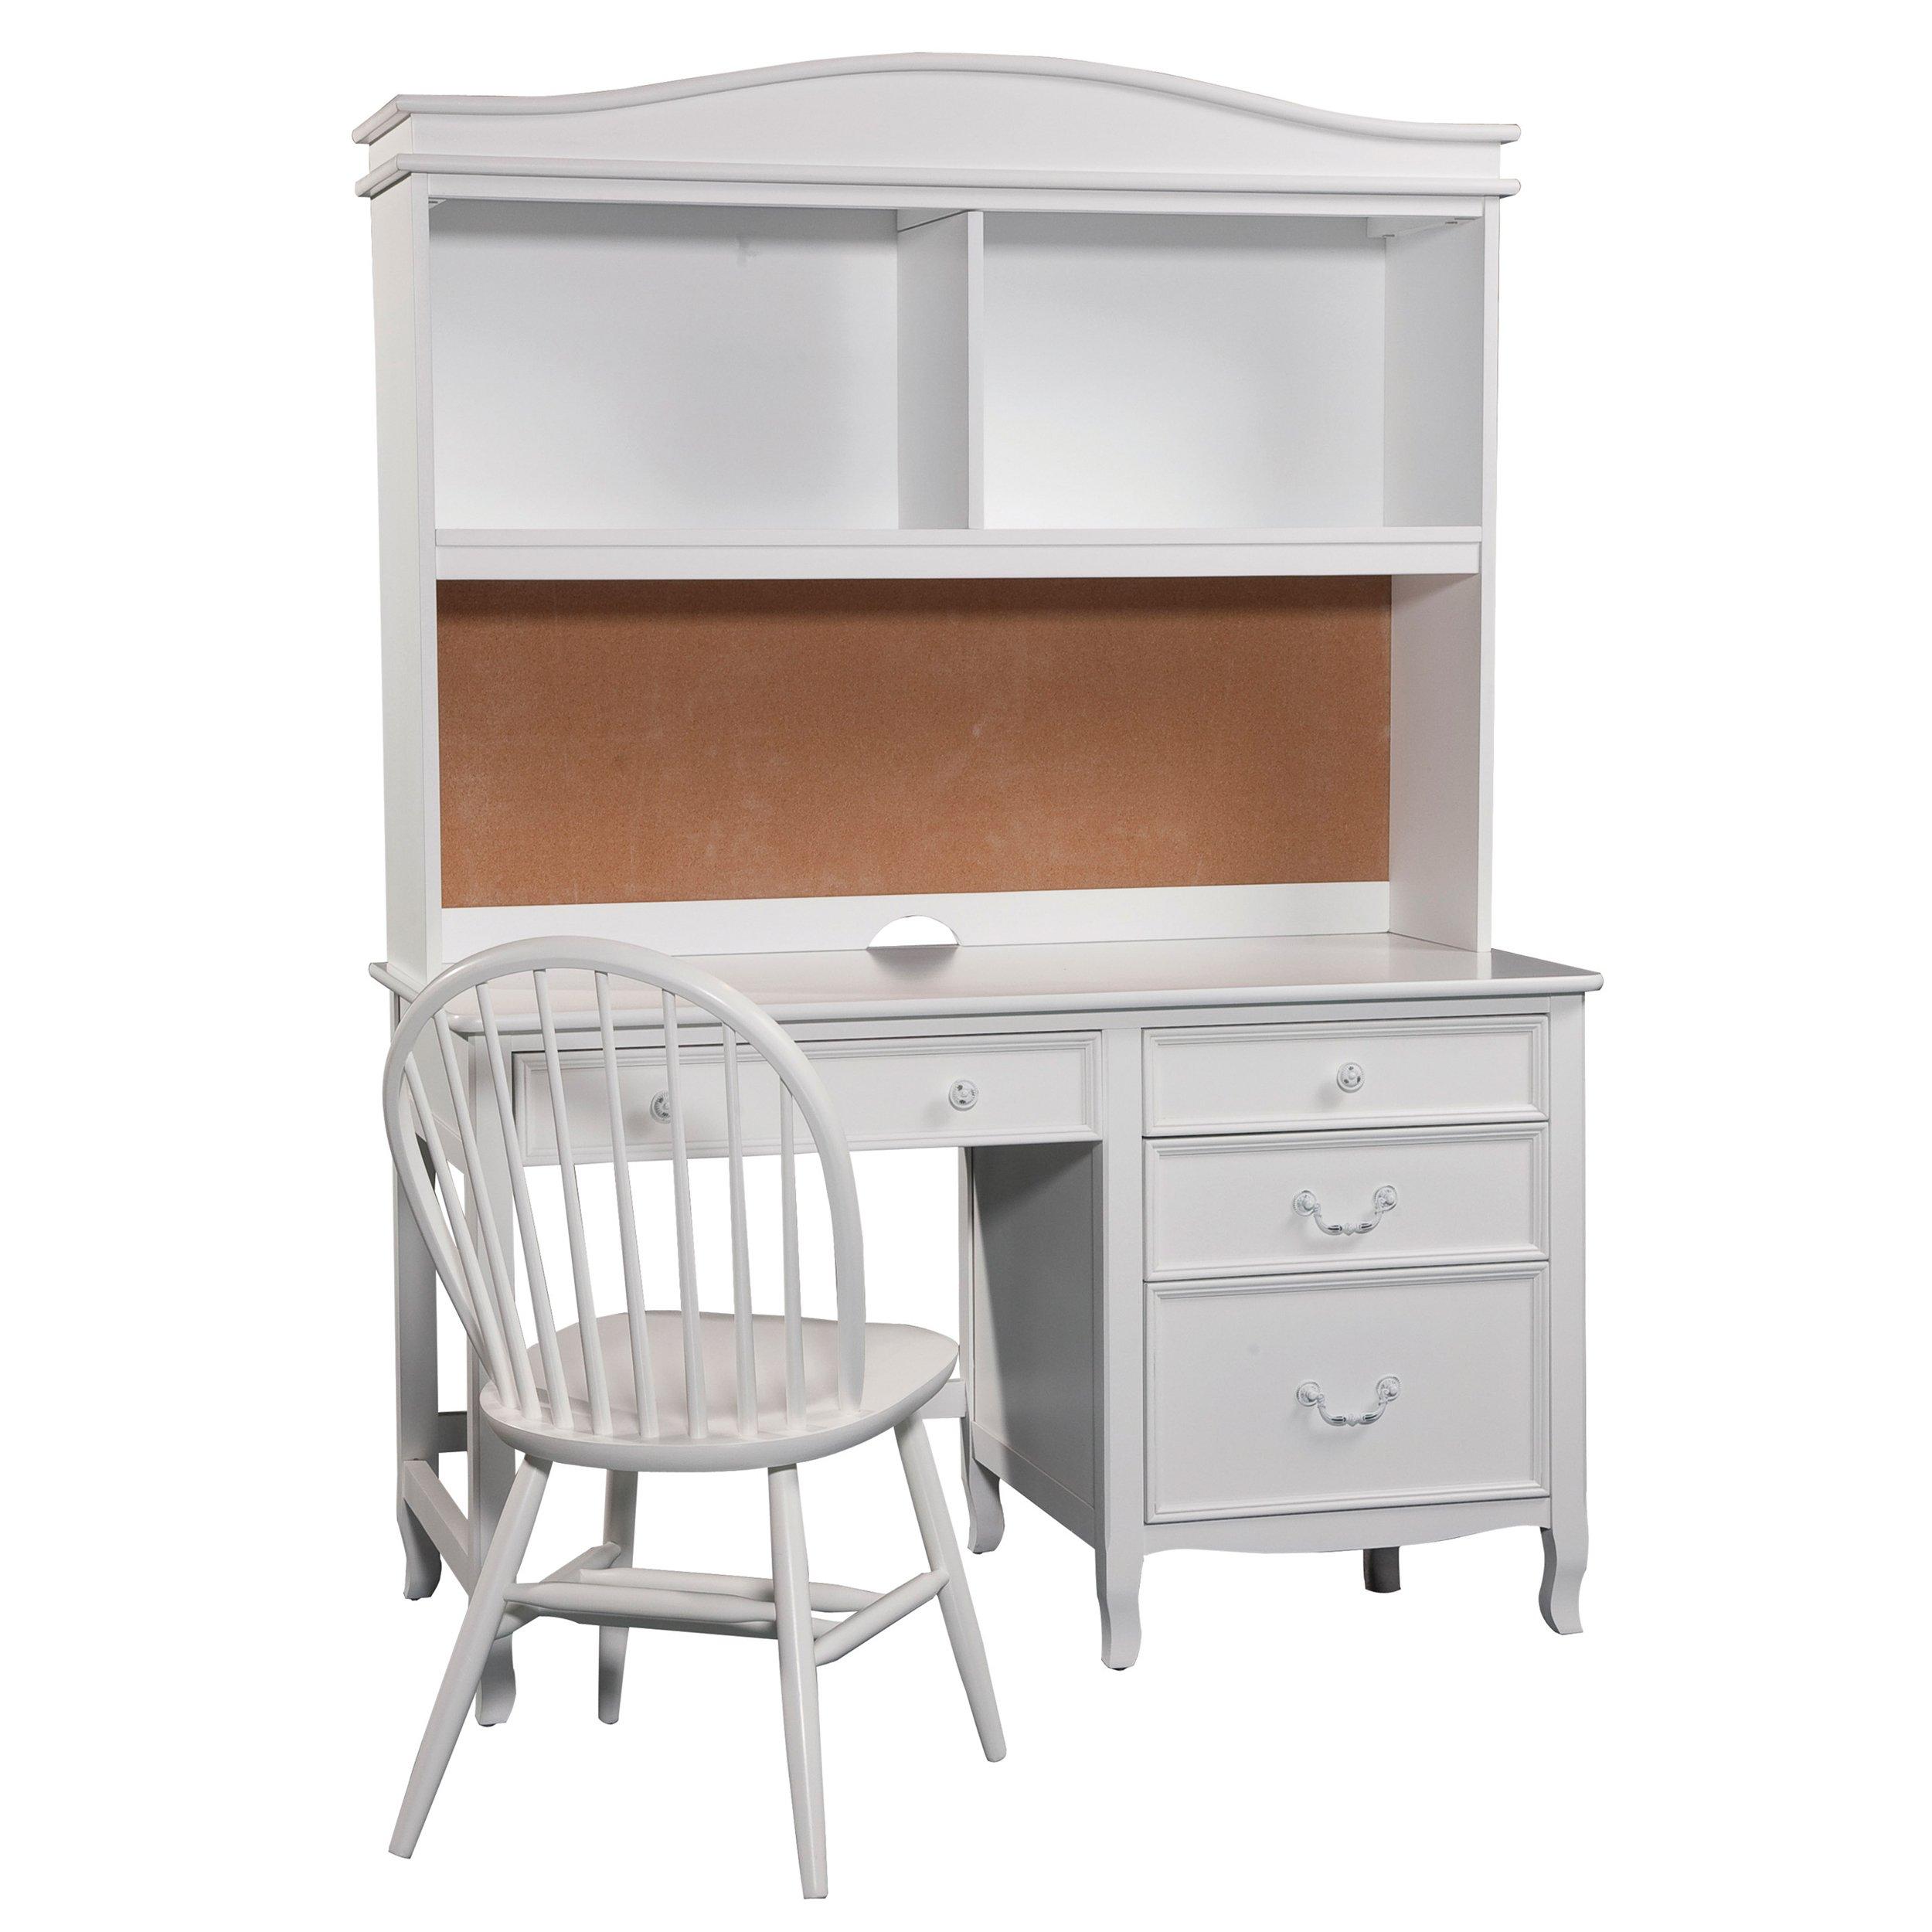 Bolton Furniture Emma Pedestal Desk with Hutch, White